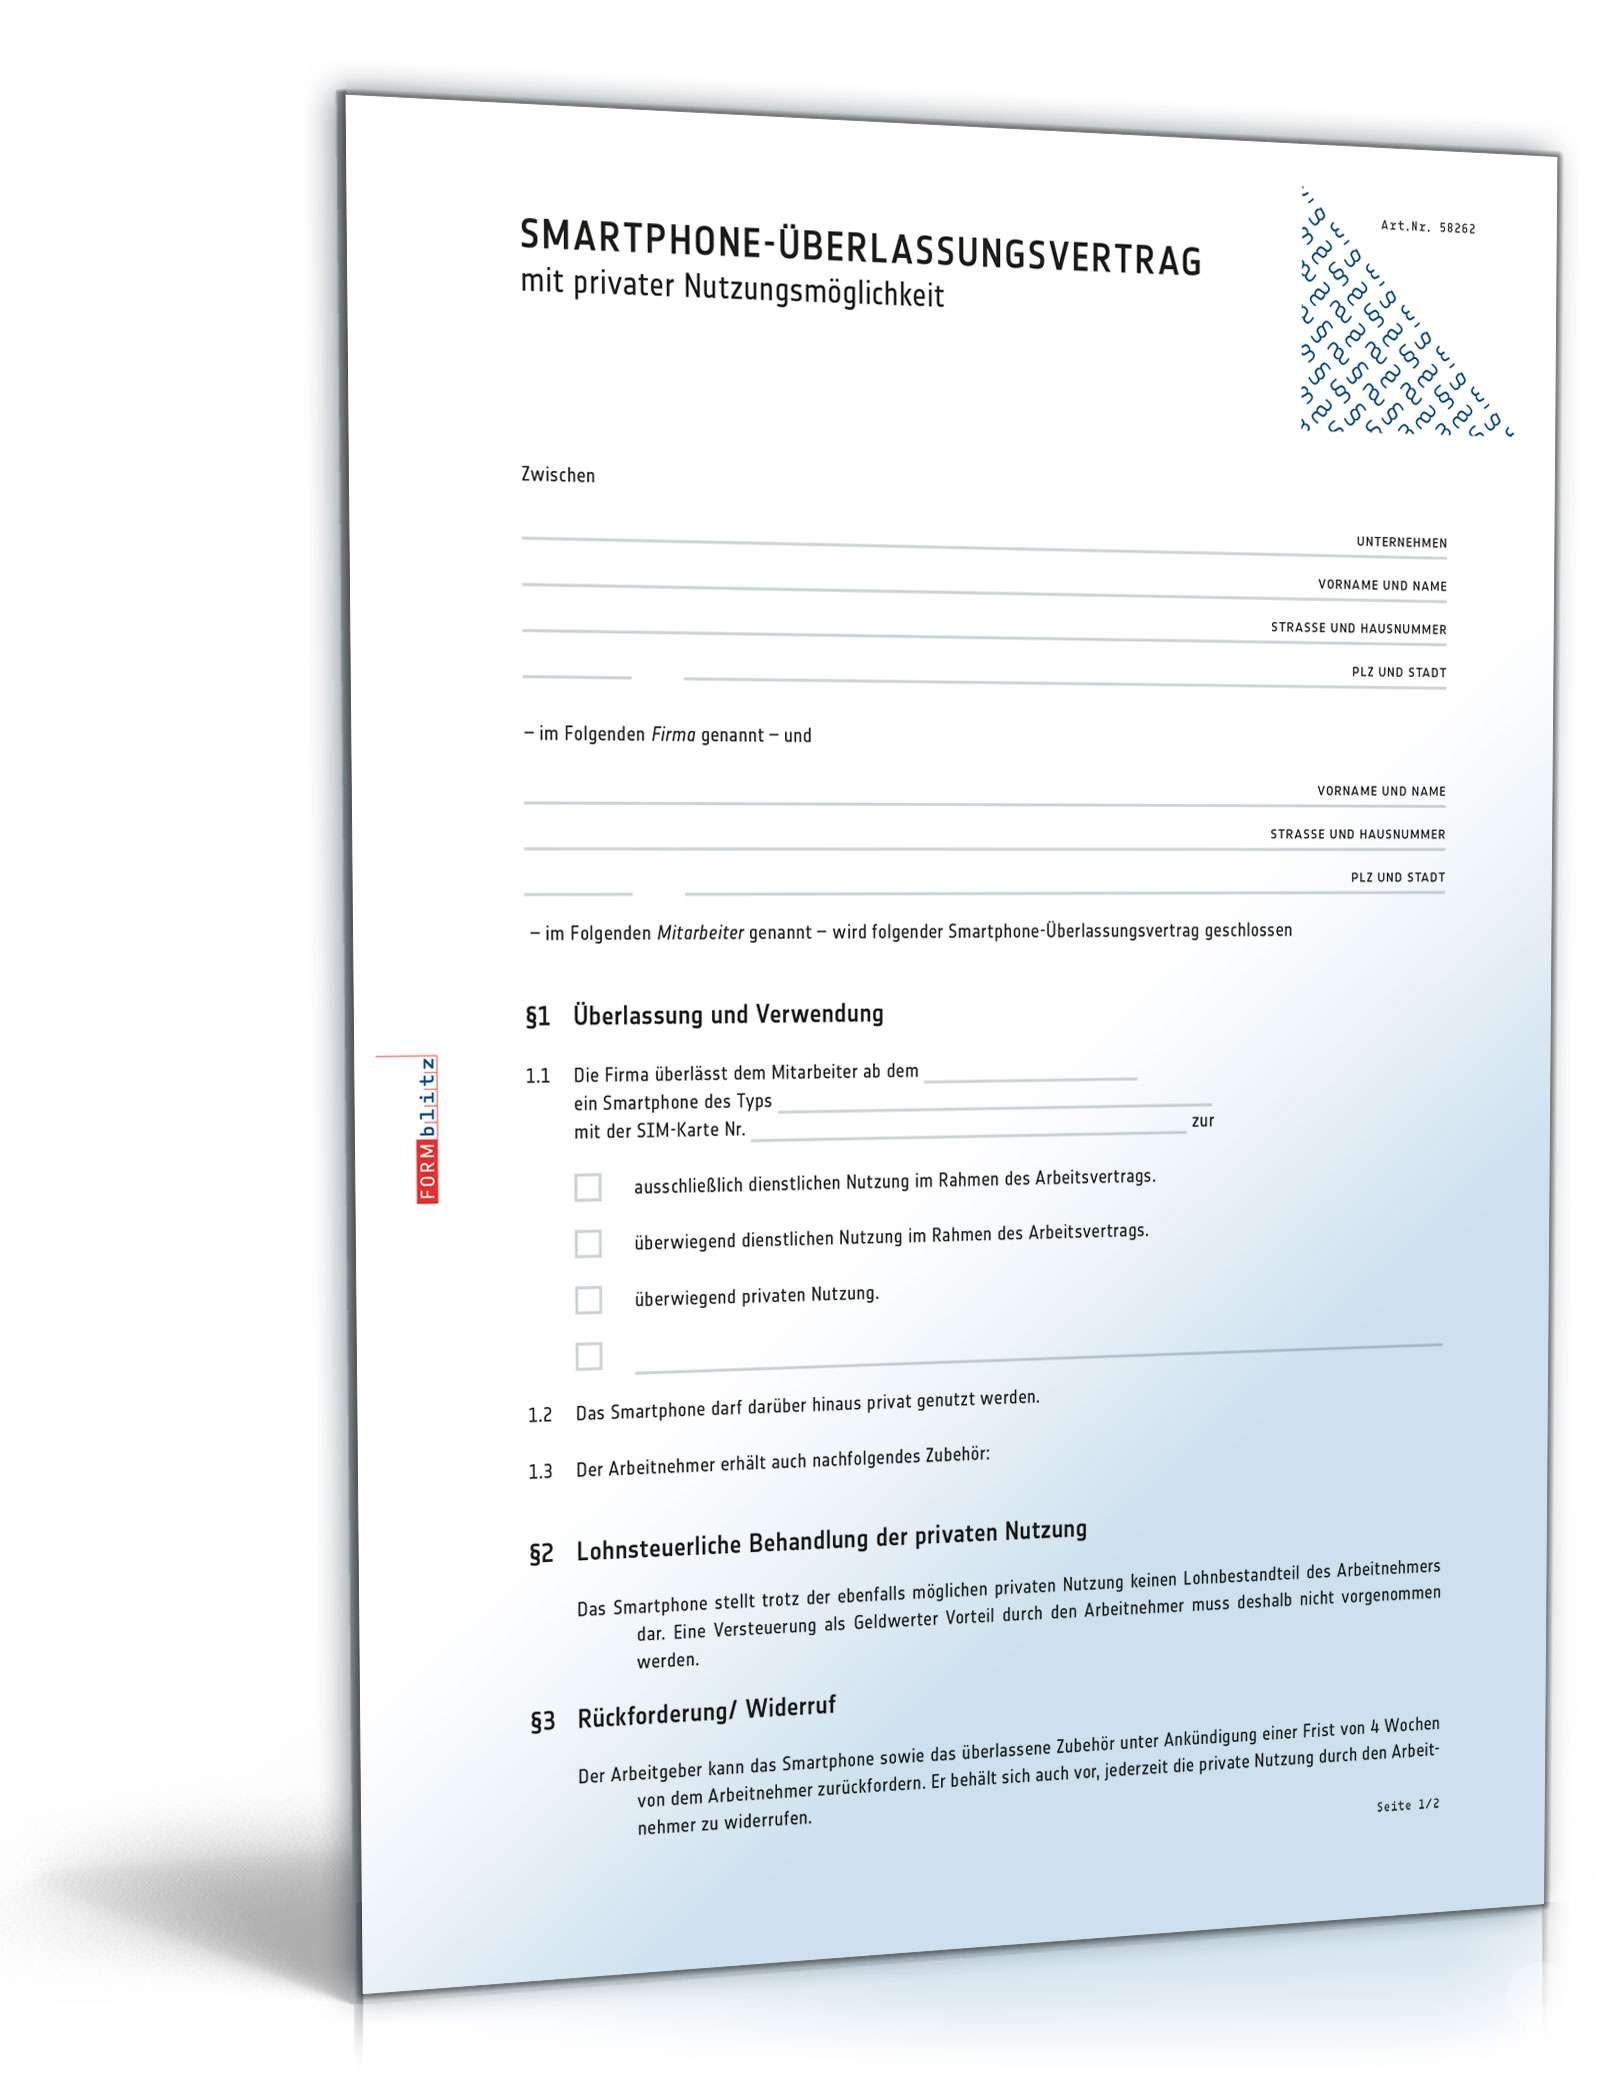 Smartphone überlassungsvertrag Muster Zum Download